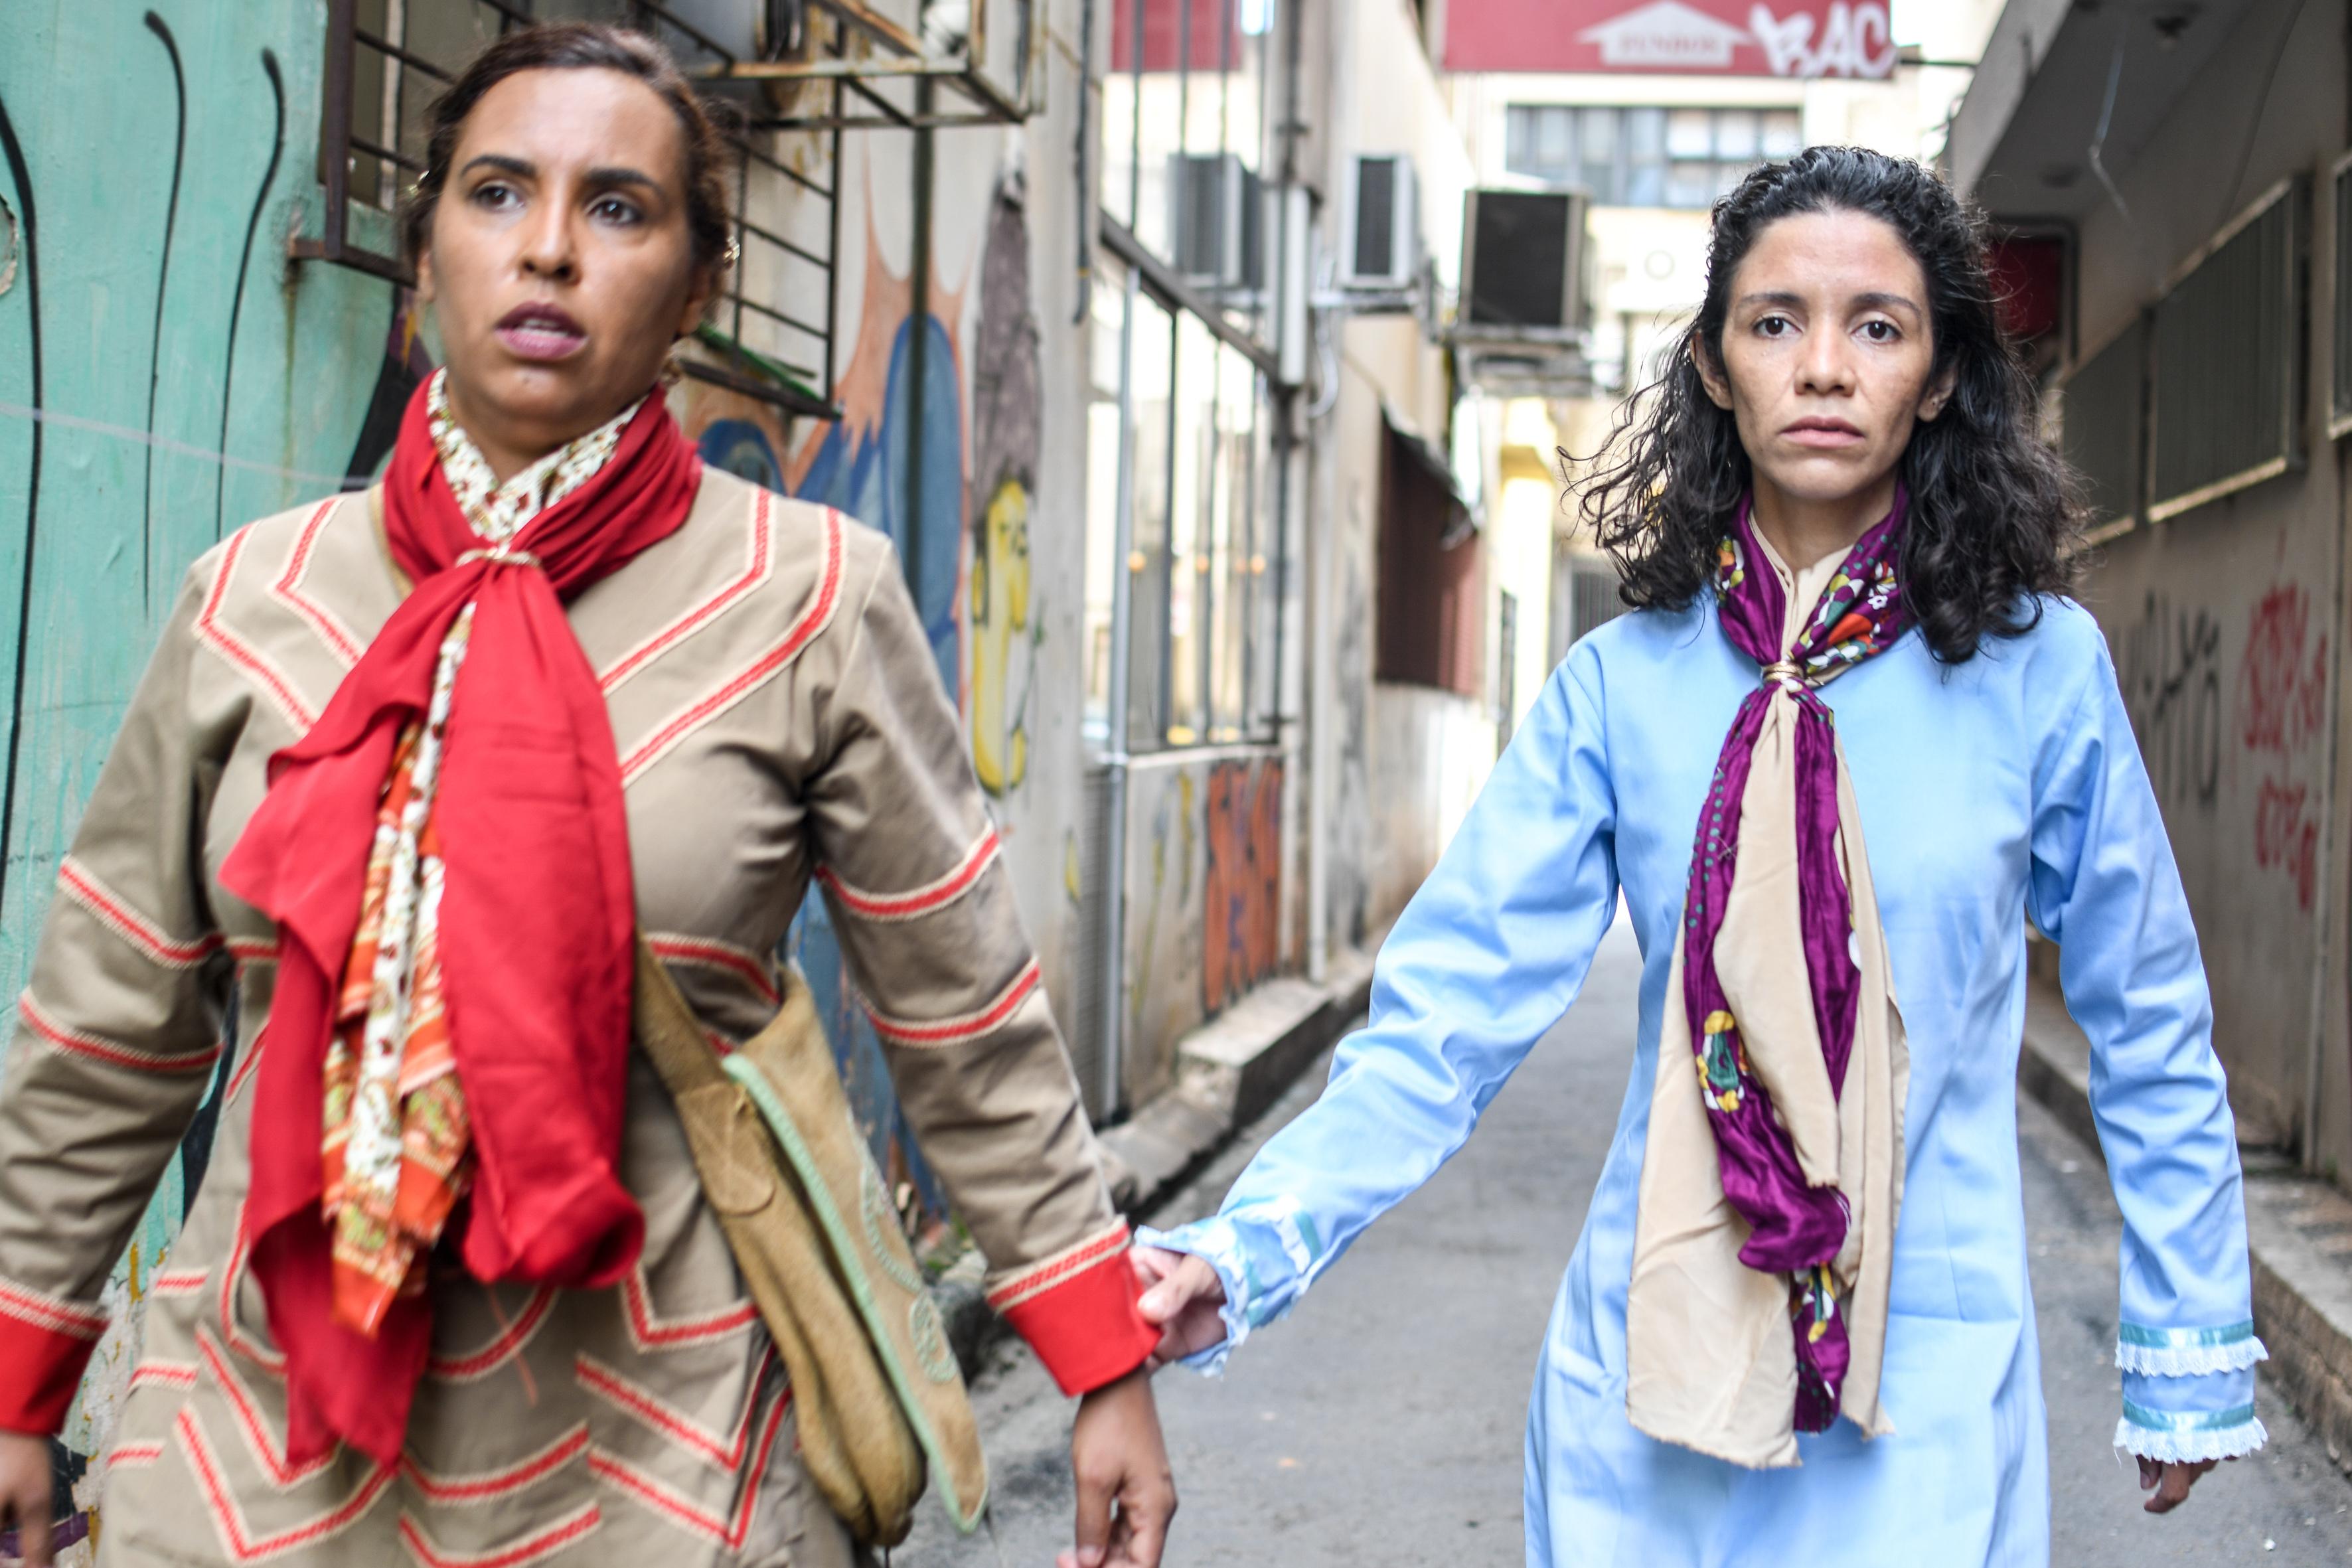 Grupo Teatro que Roda estreia novo espetáculo sobre a existência e resistência feminina no cangaço brasileiro